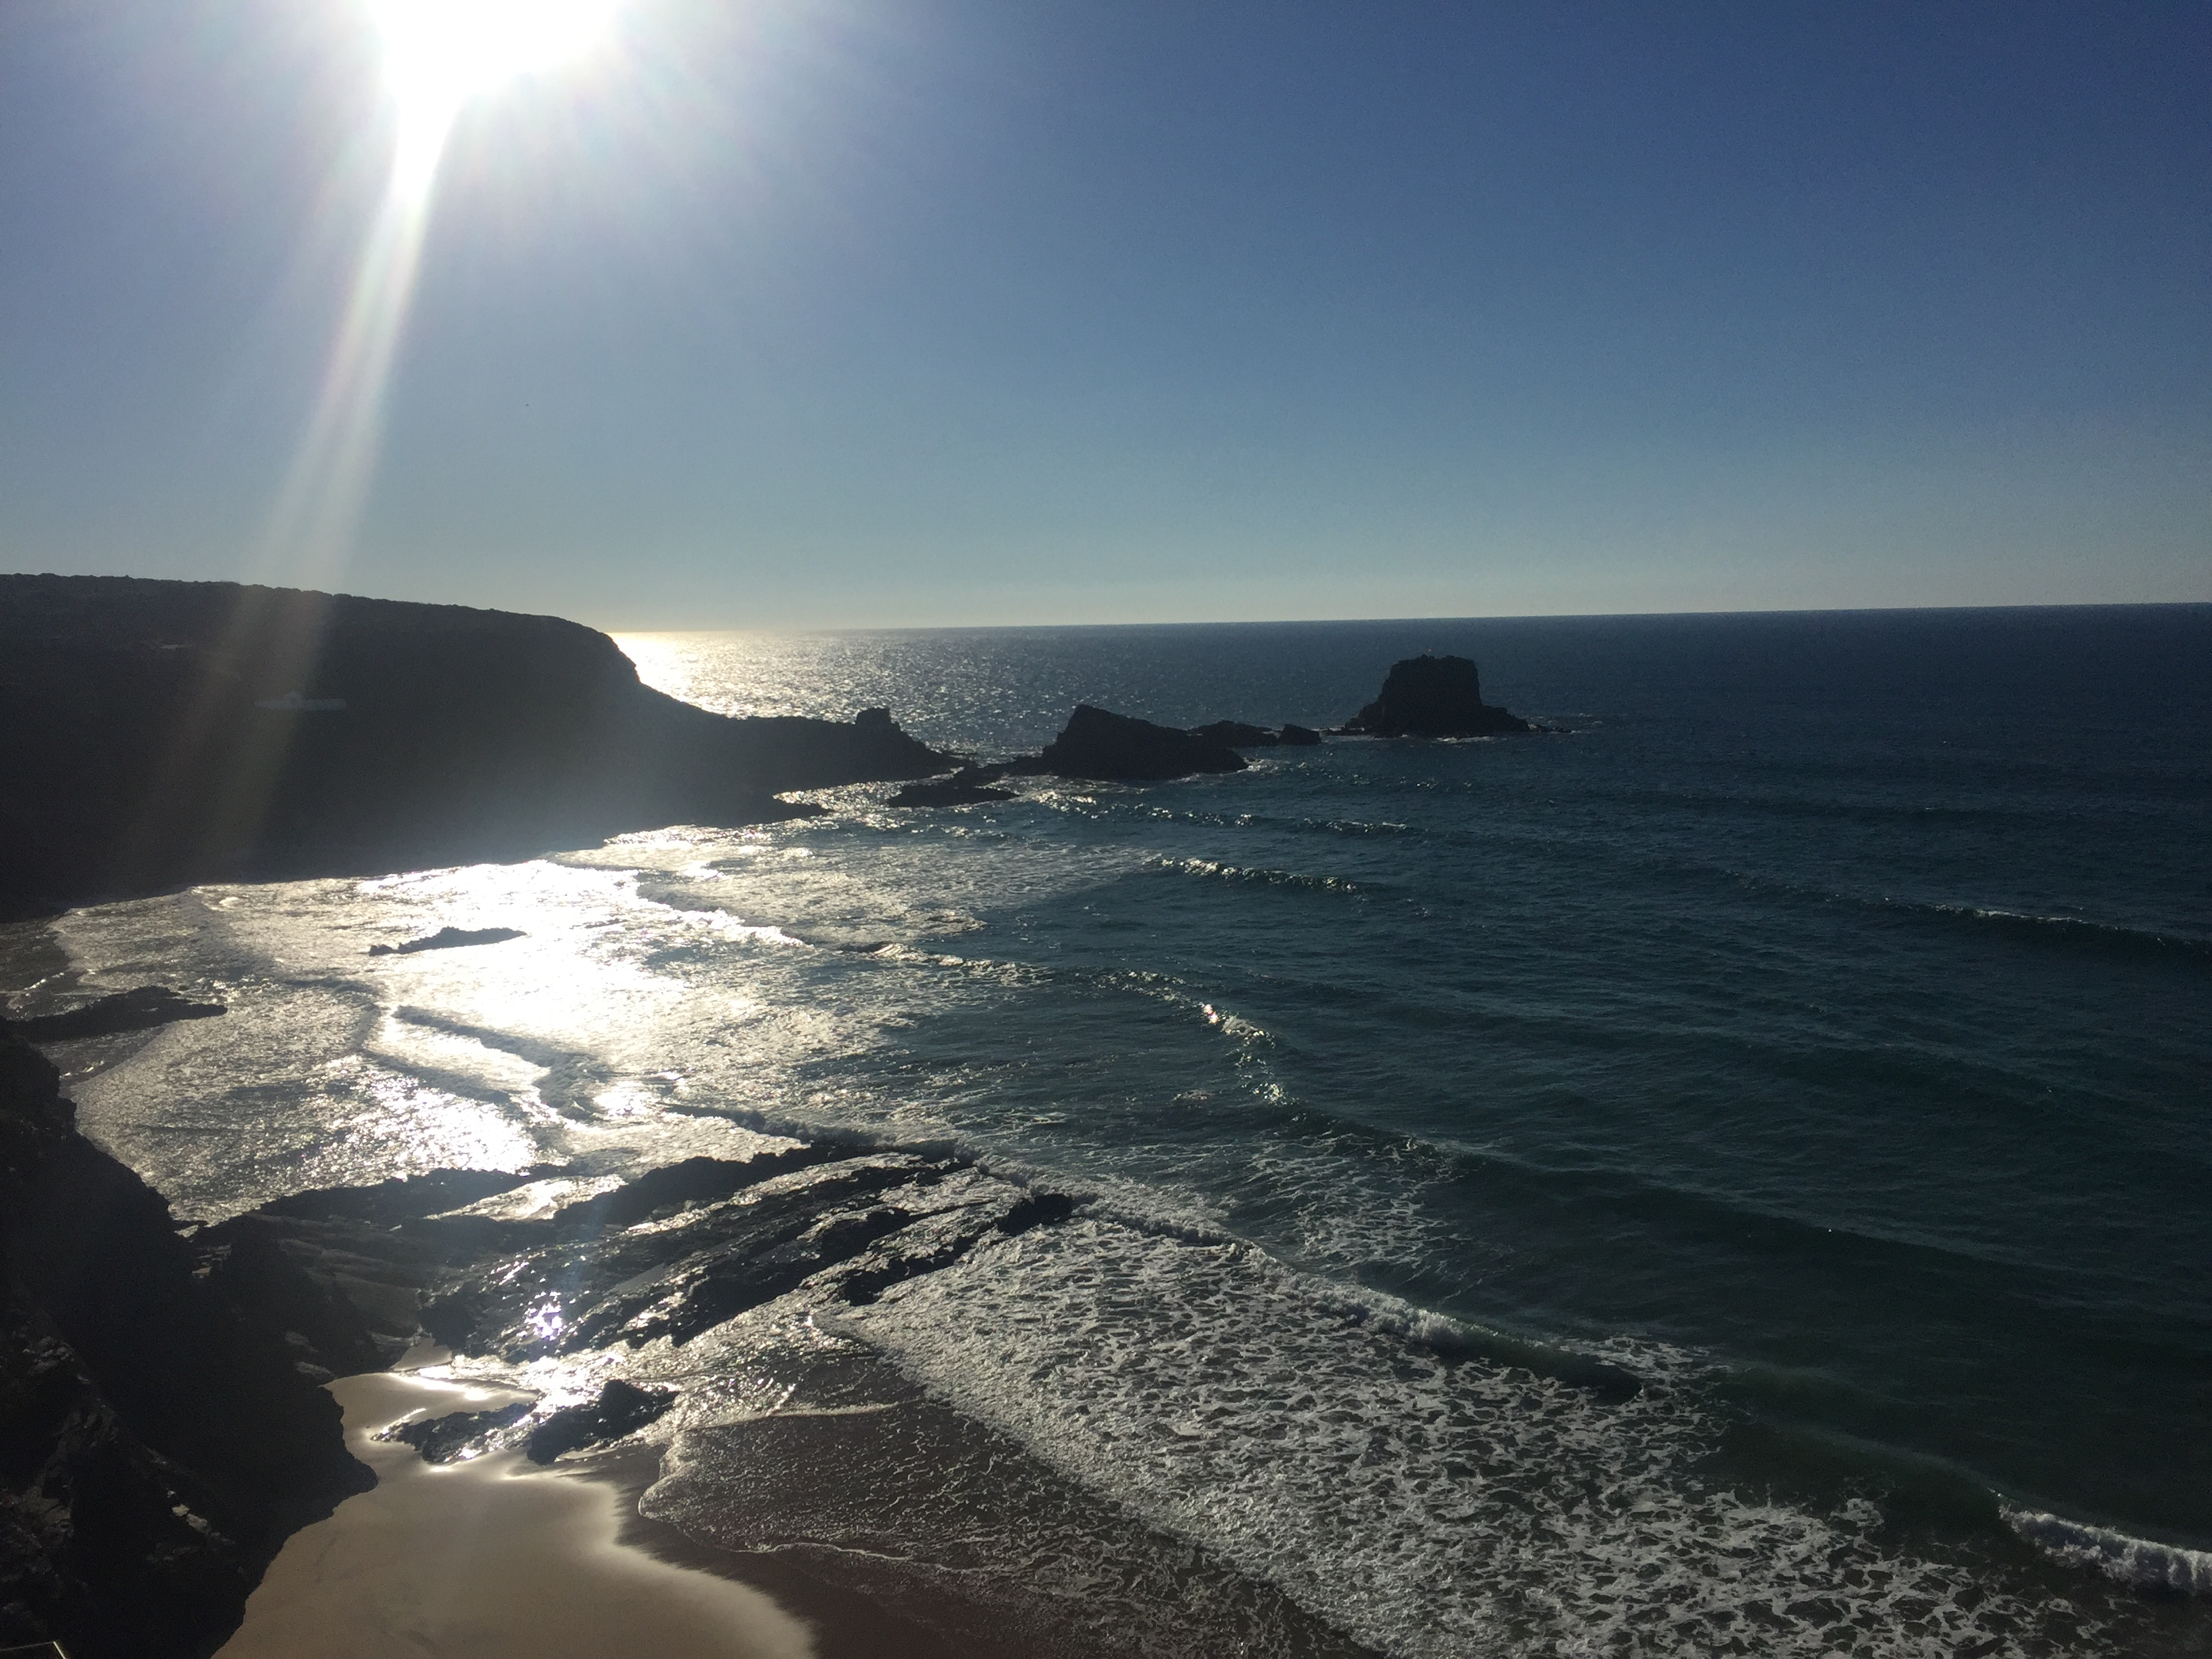 Zambujeira do Mar, November